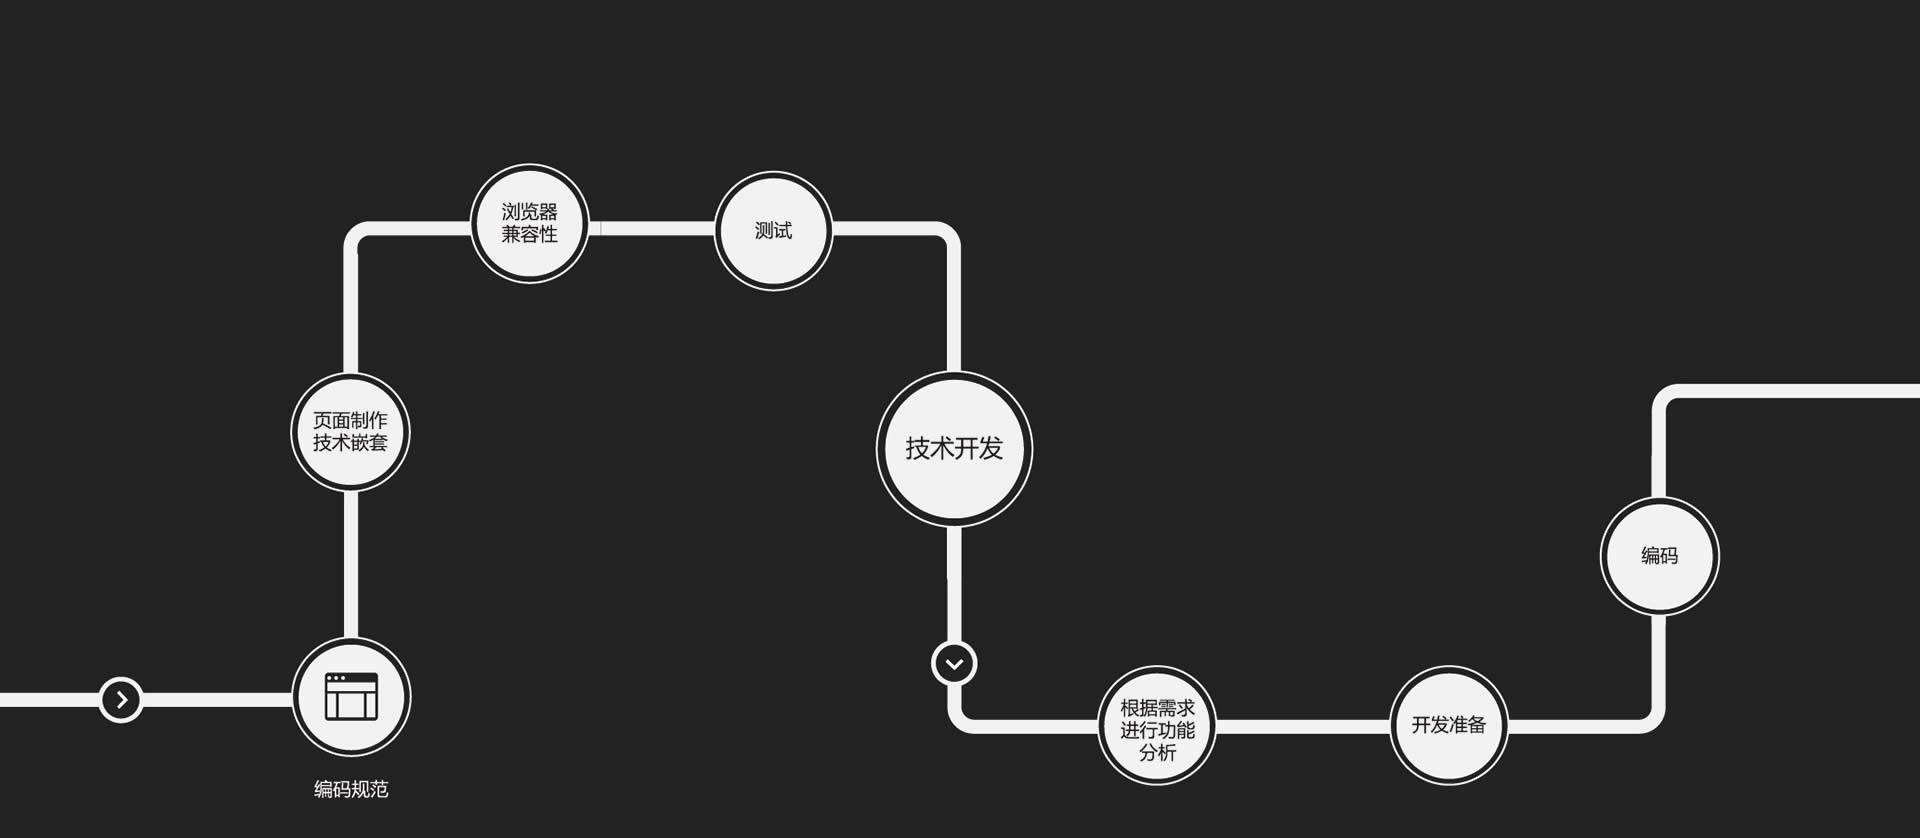 深圳建站技术开发